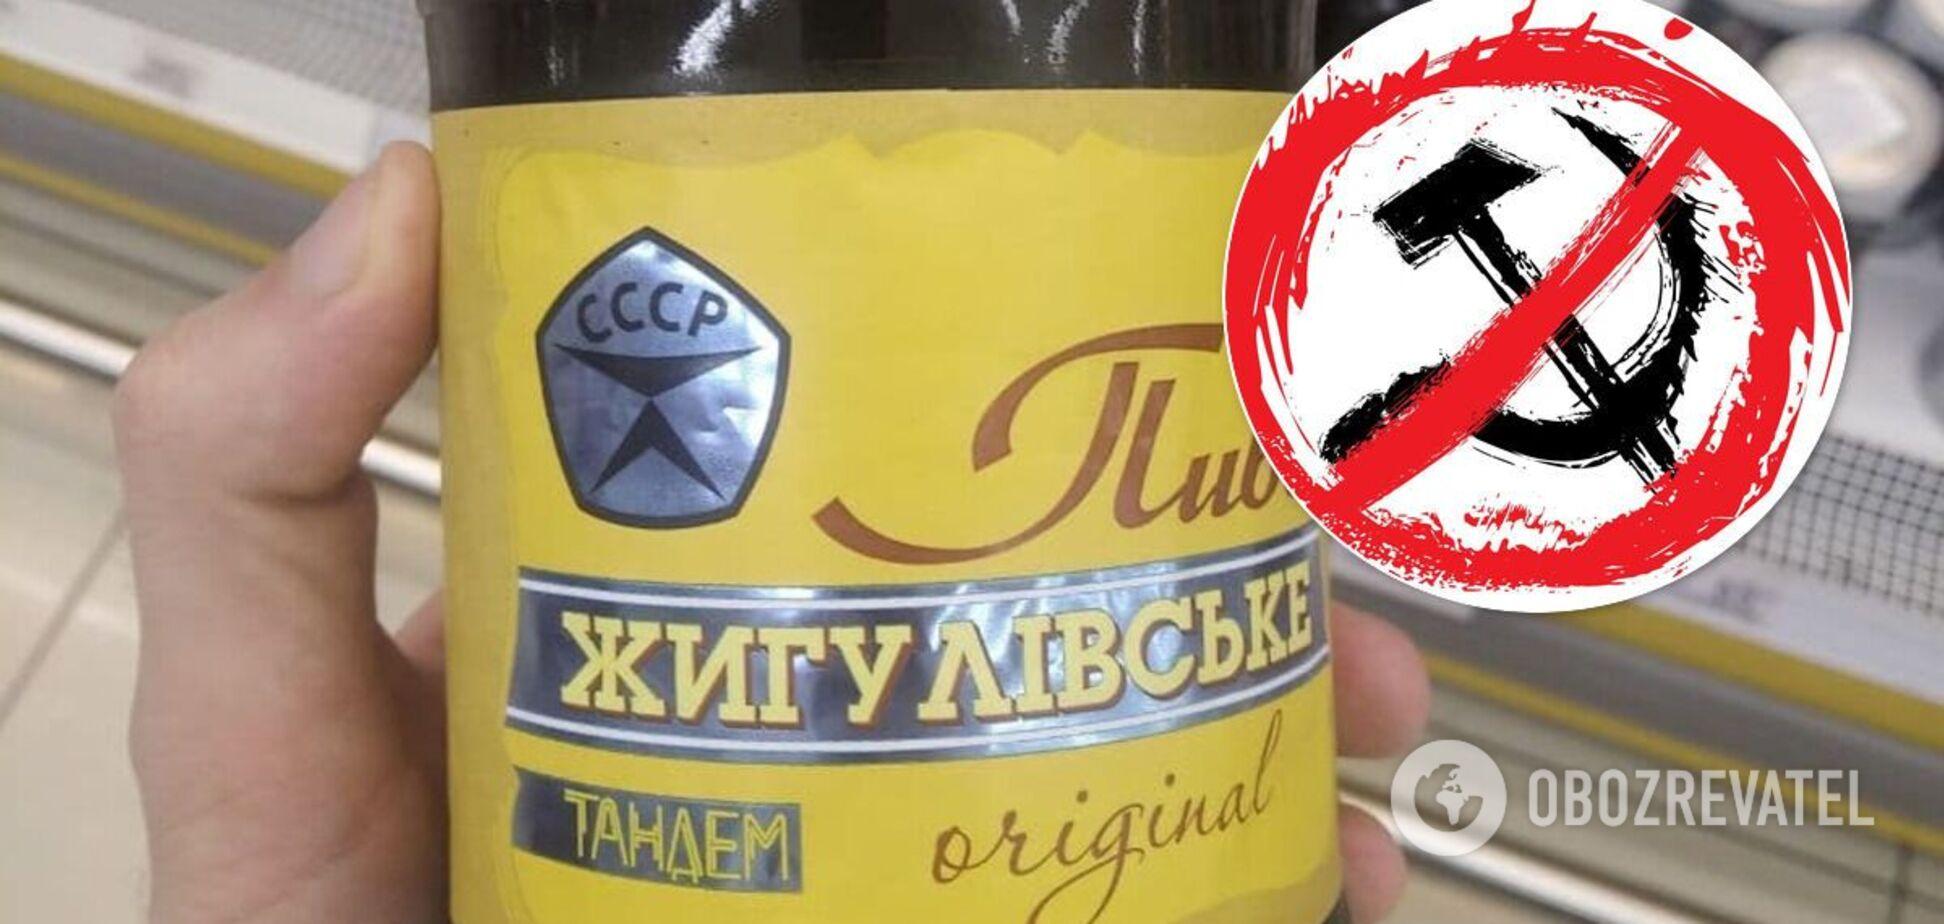 В Харькове продавали пиво с запрещенной символикой СССР